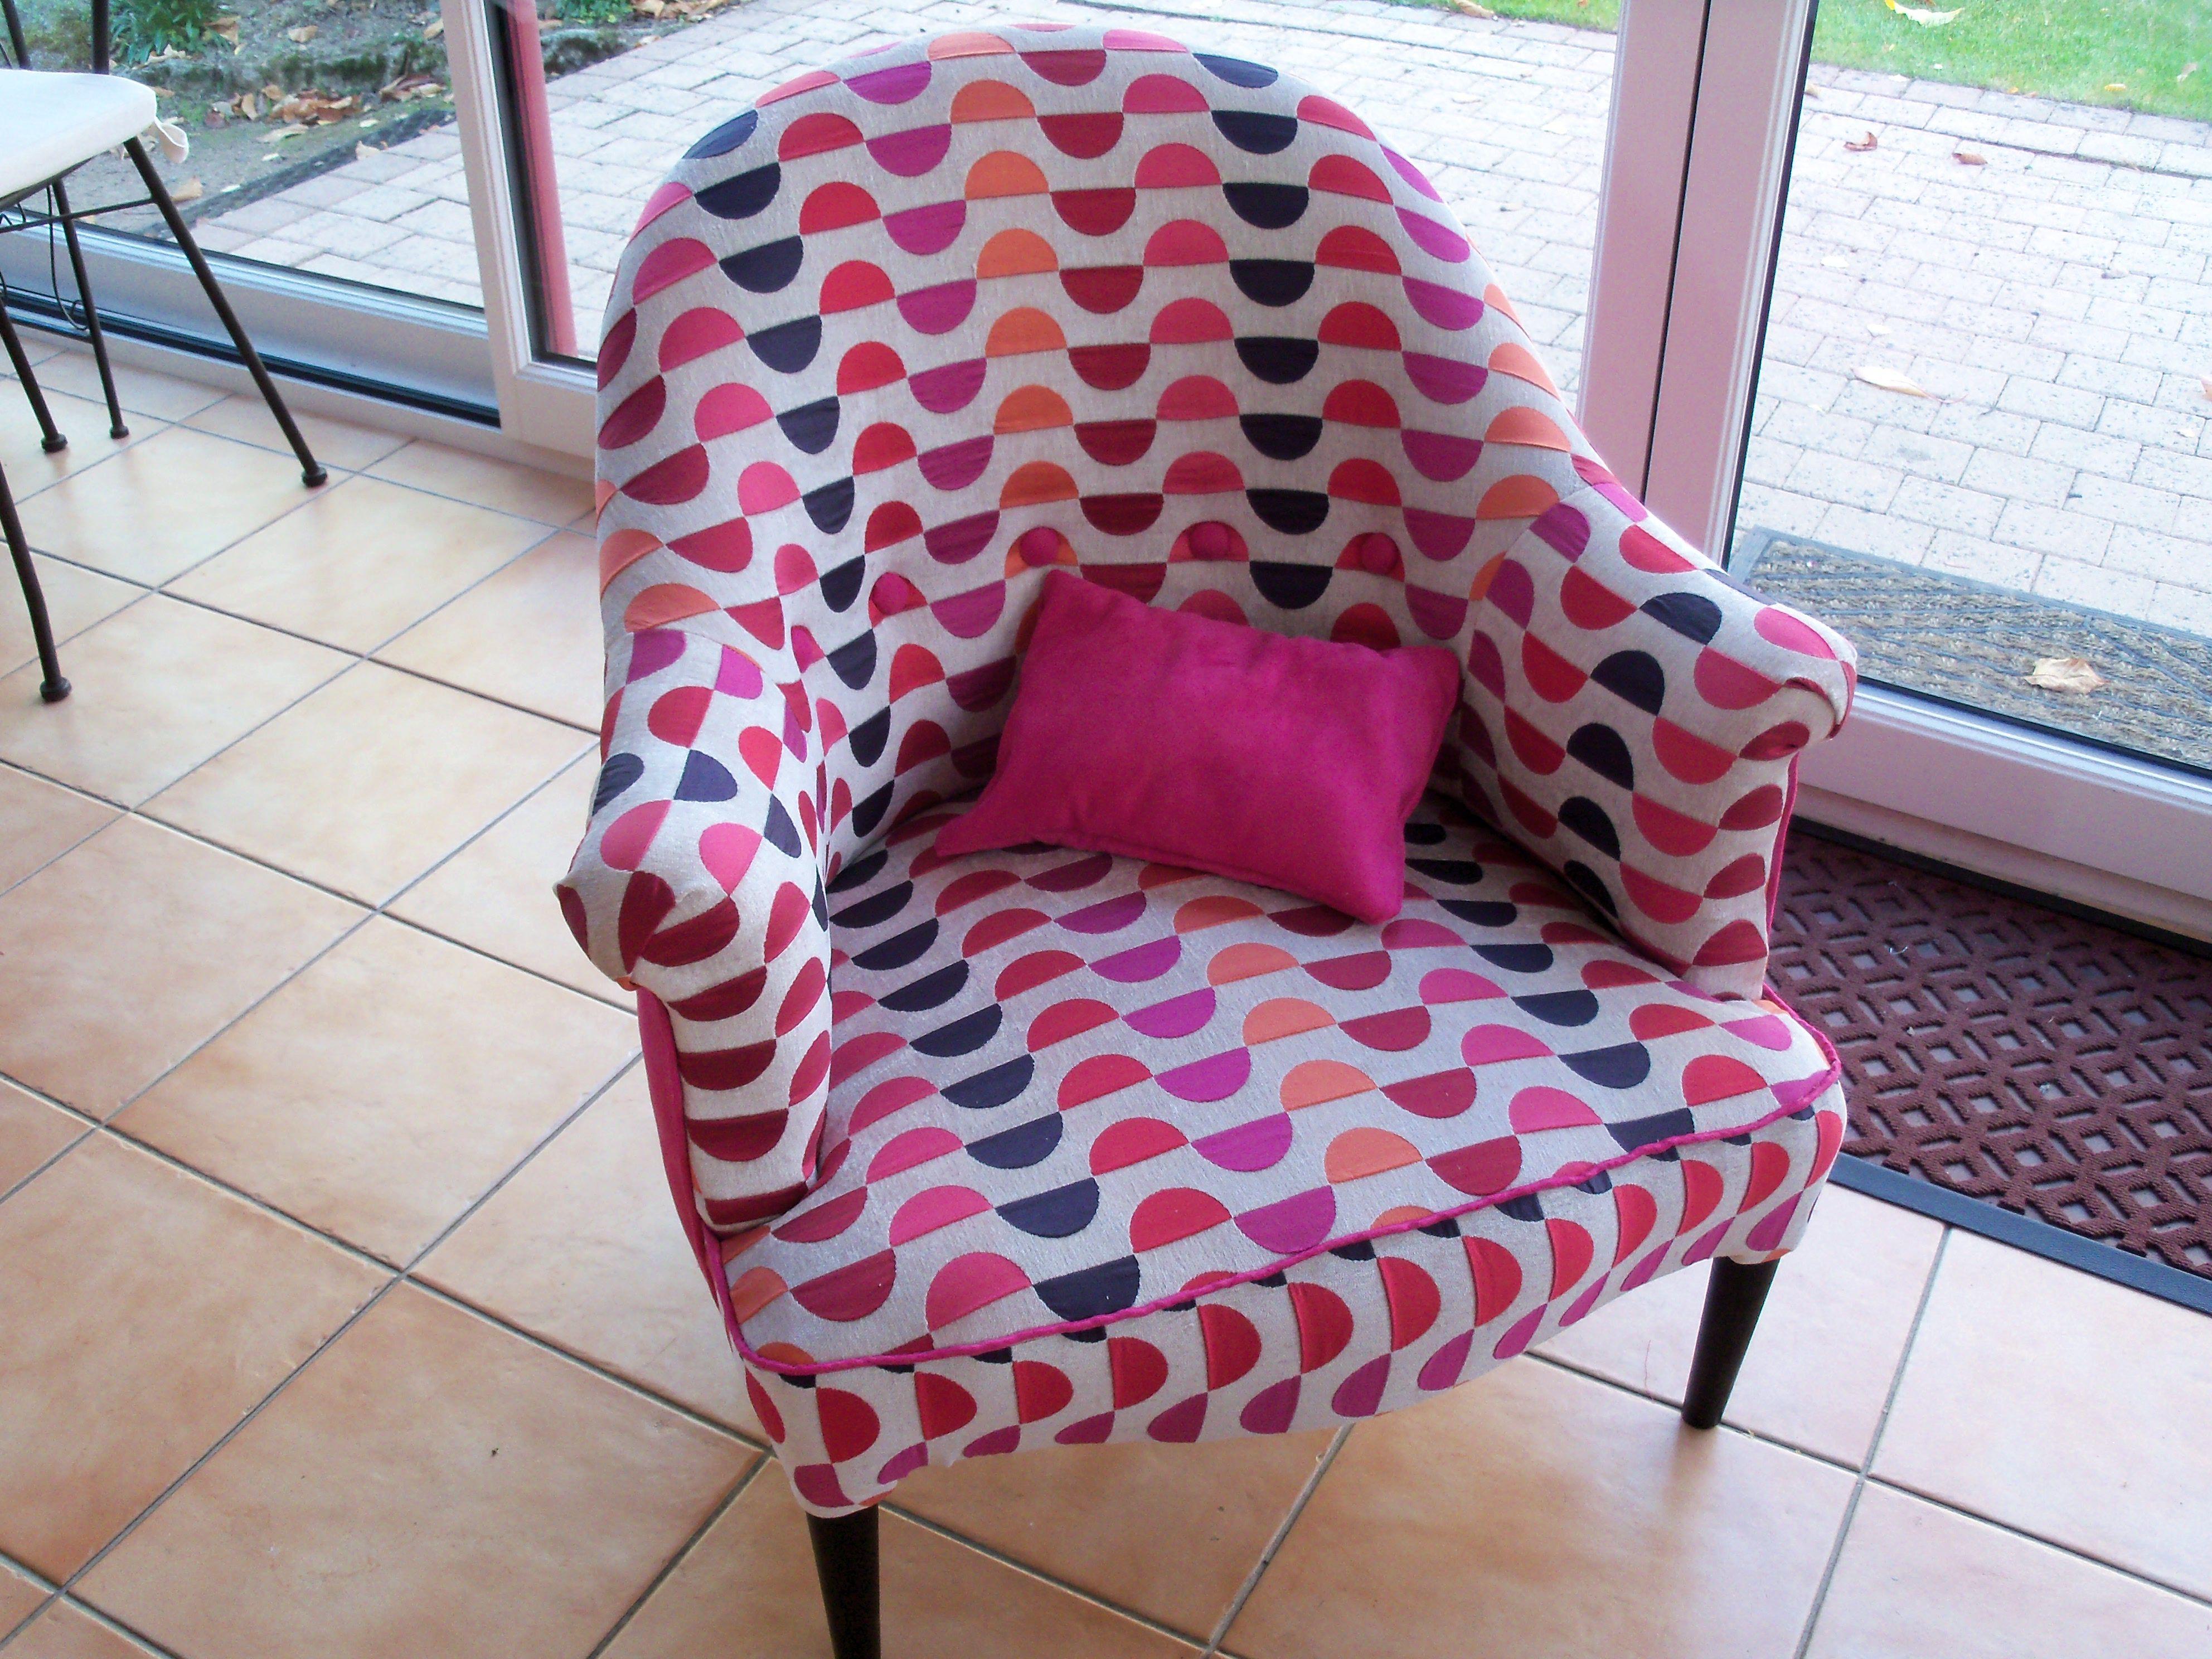 Fauteuil Crapaud Multicolore Fushia Renove Fauteuil Pinterest - Fauteuil crapaud multicolore